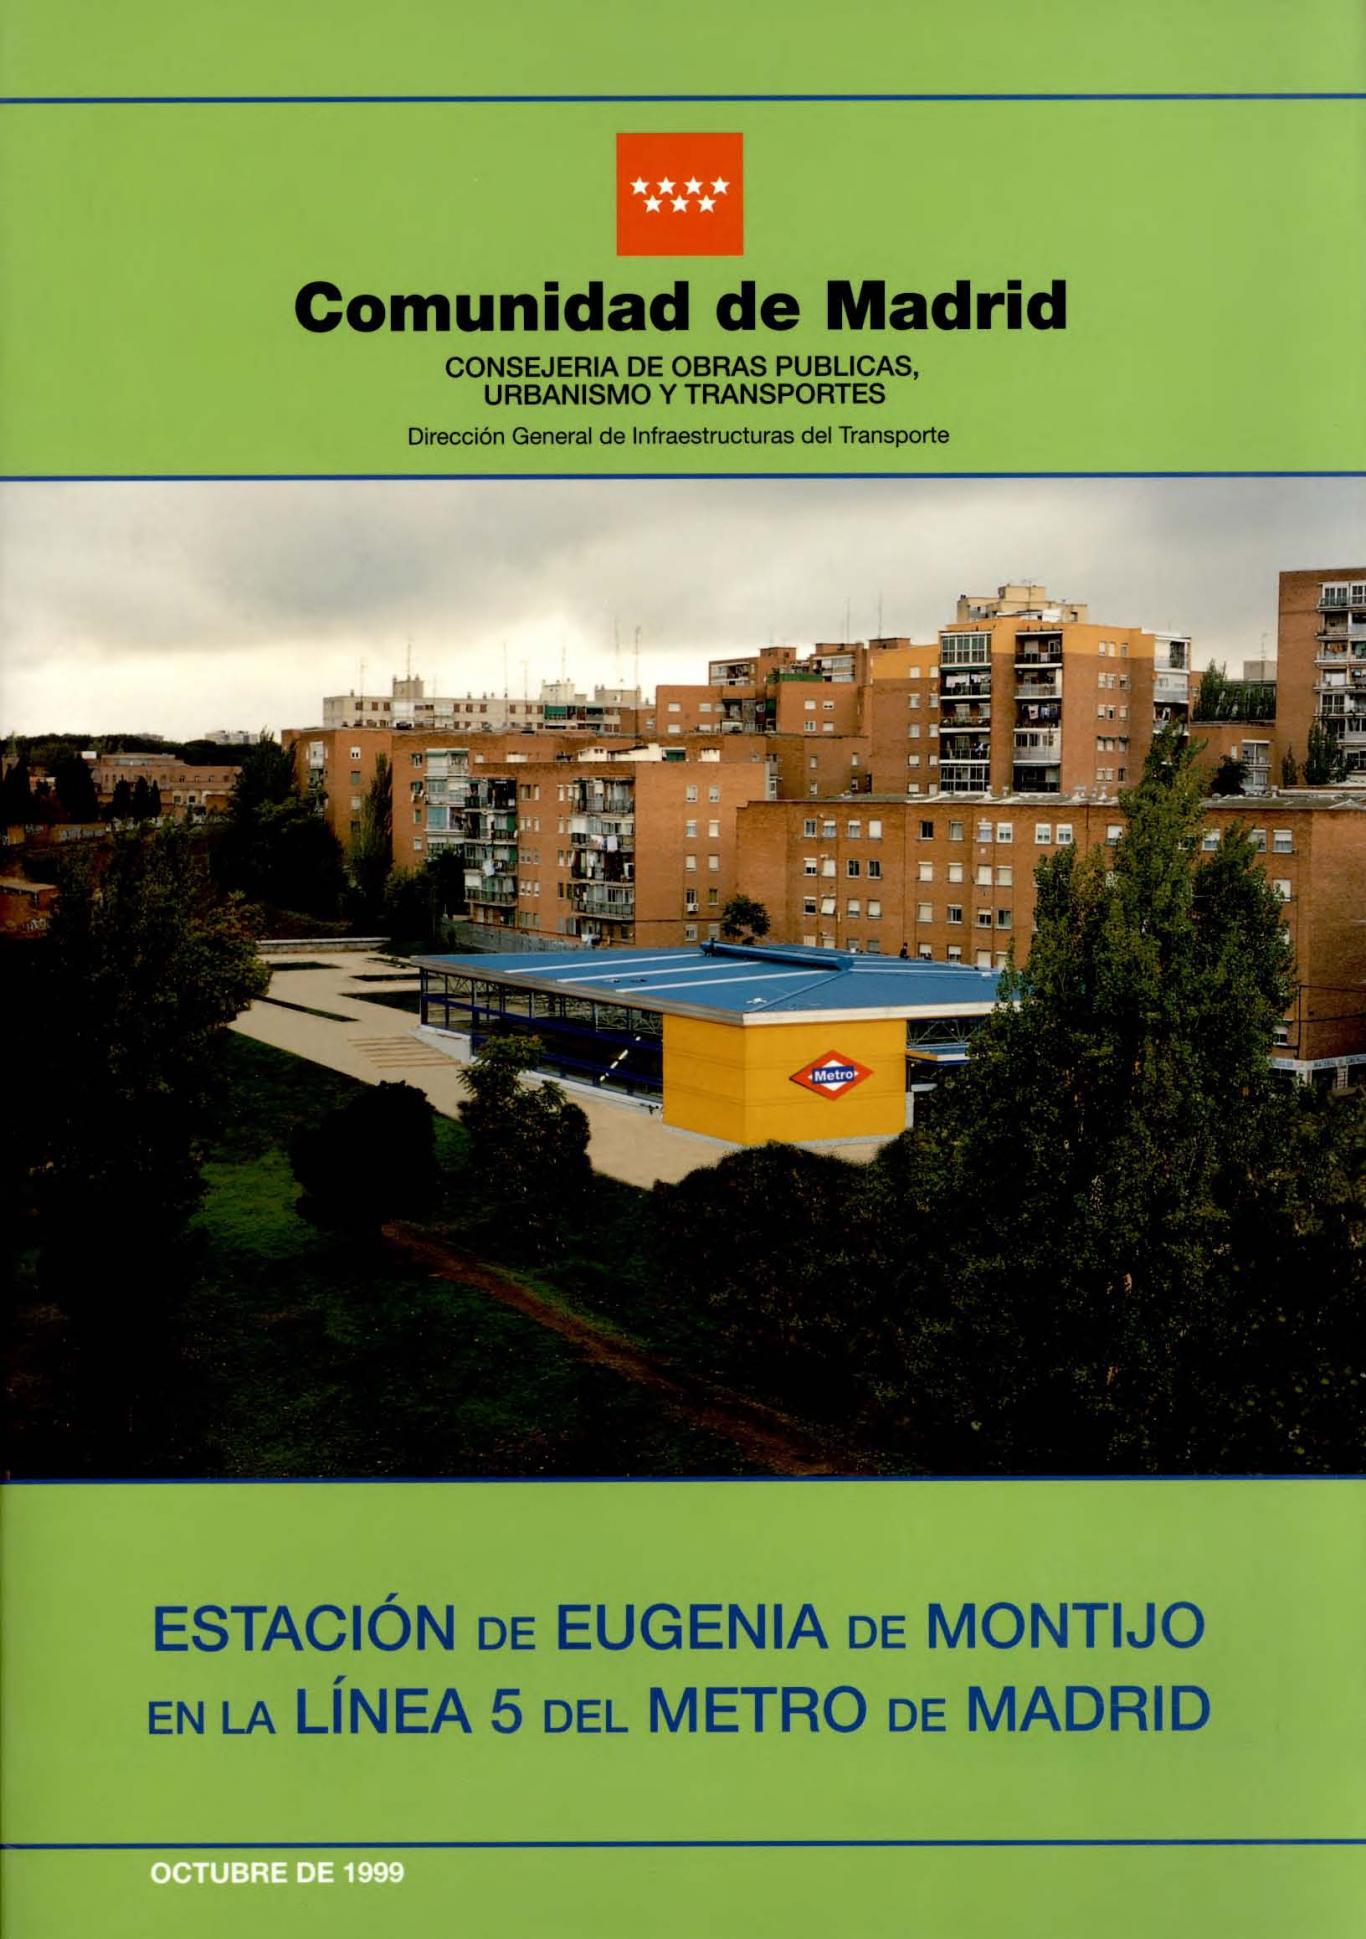 Carátula folleto estación Eugenia de Montijo